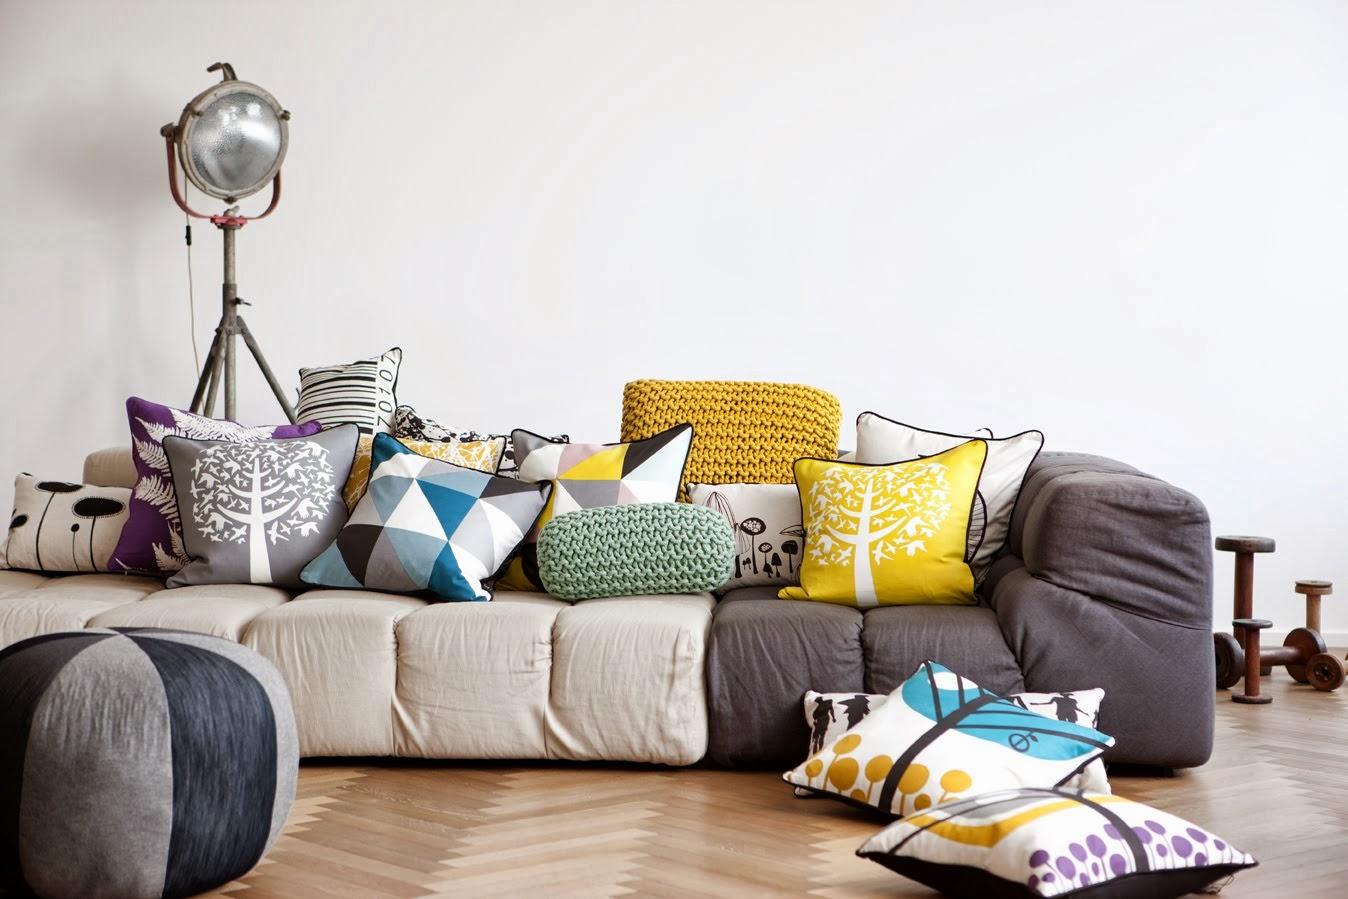 Design nordico gli accessori per la casa di ferm living for Design per la casa